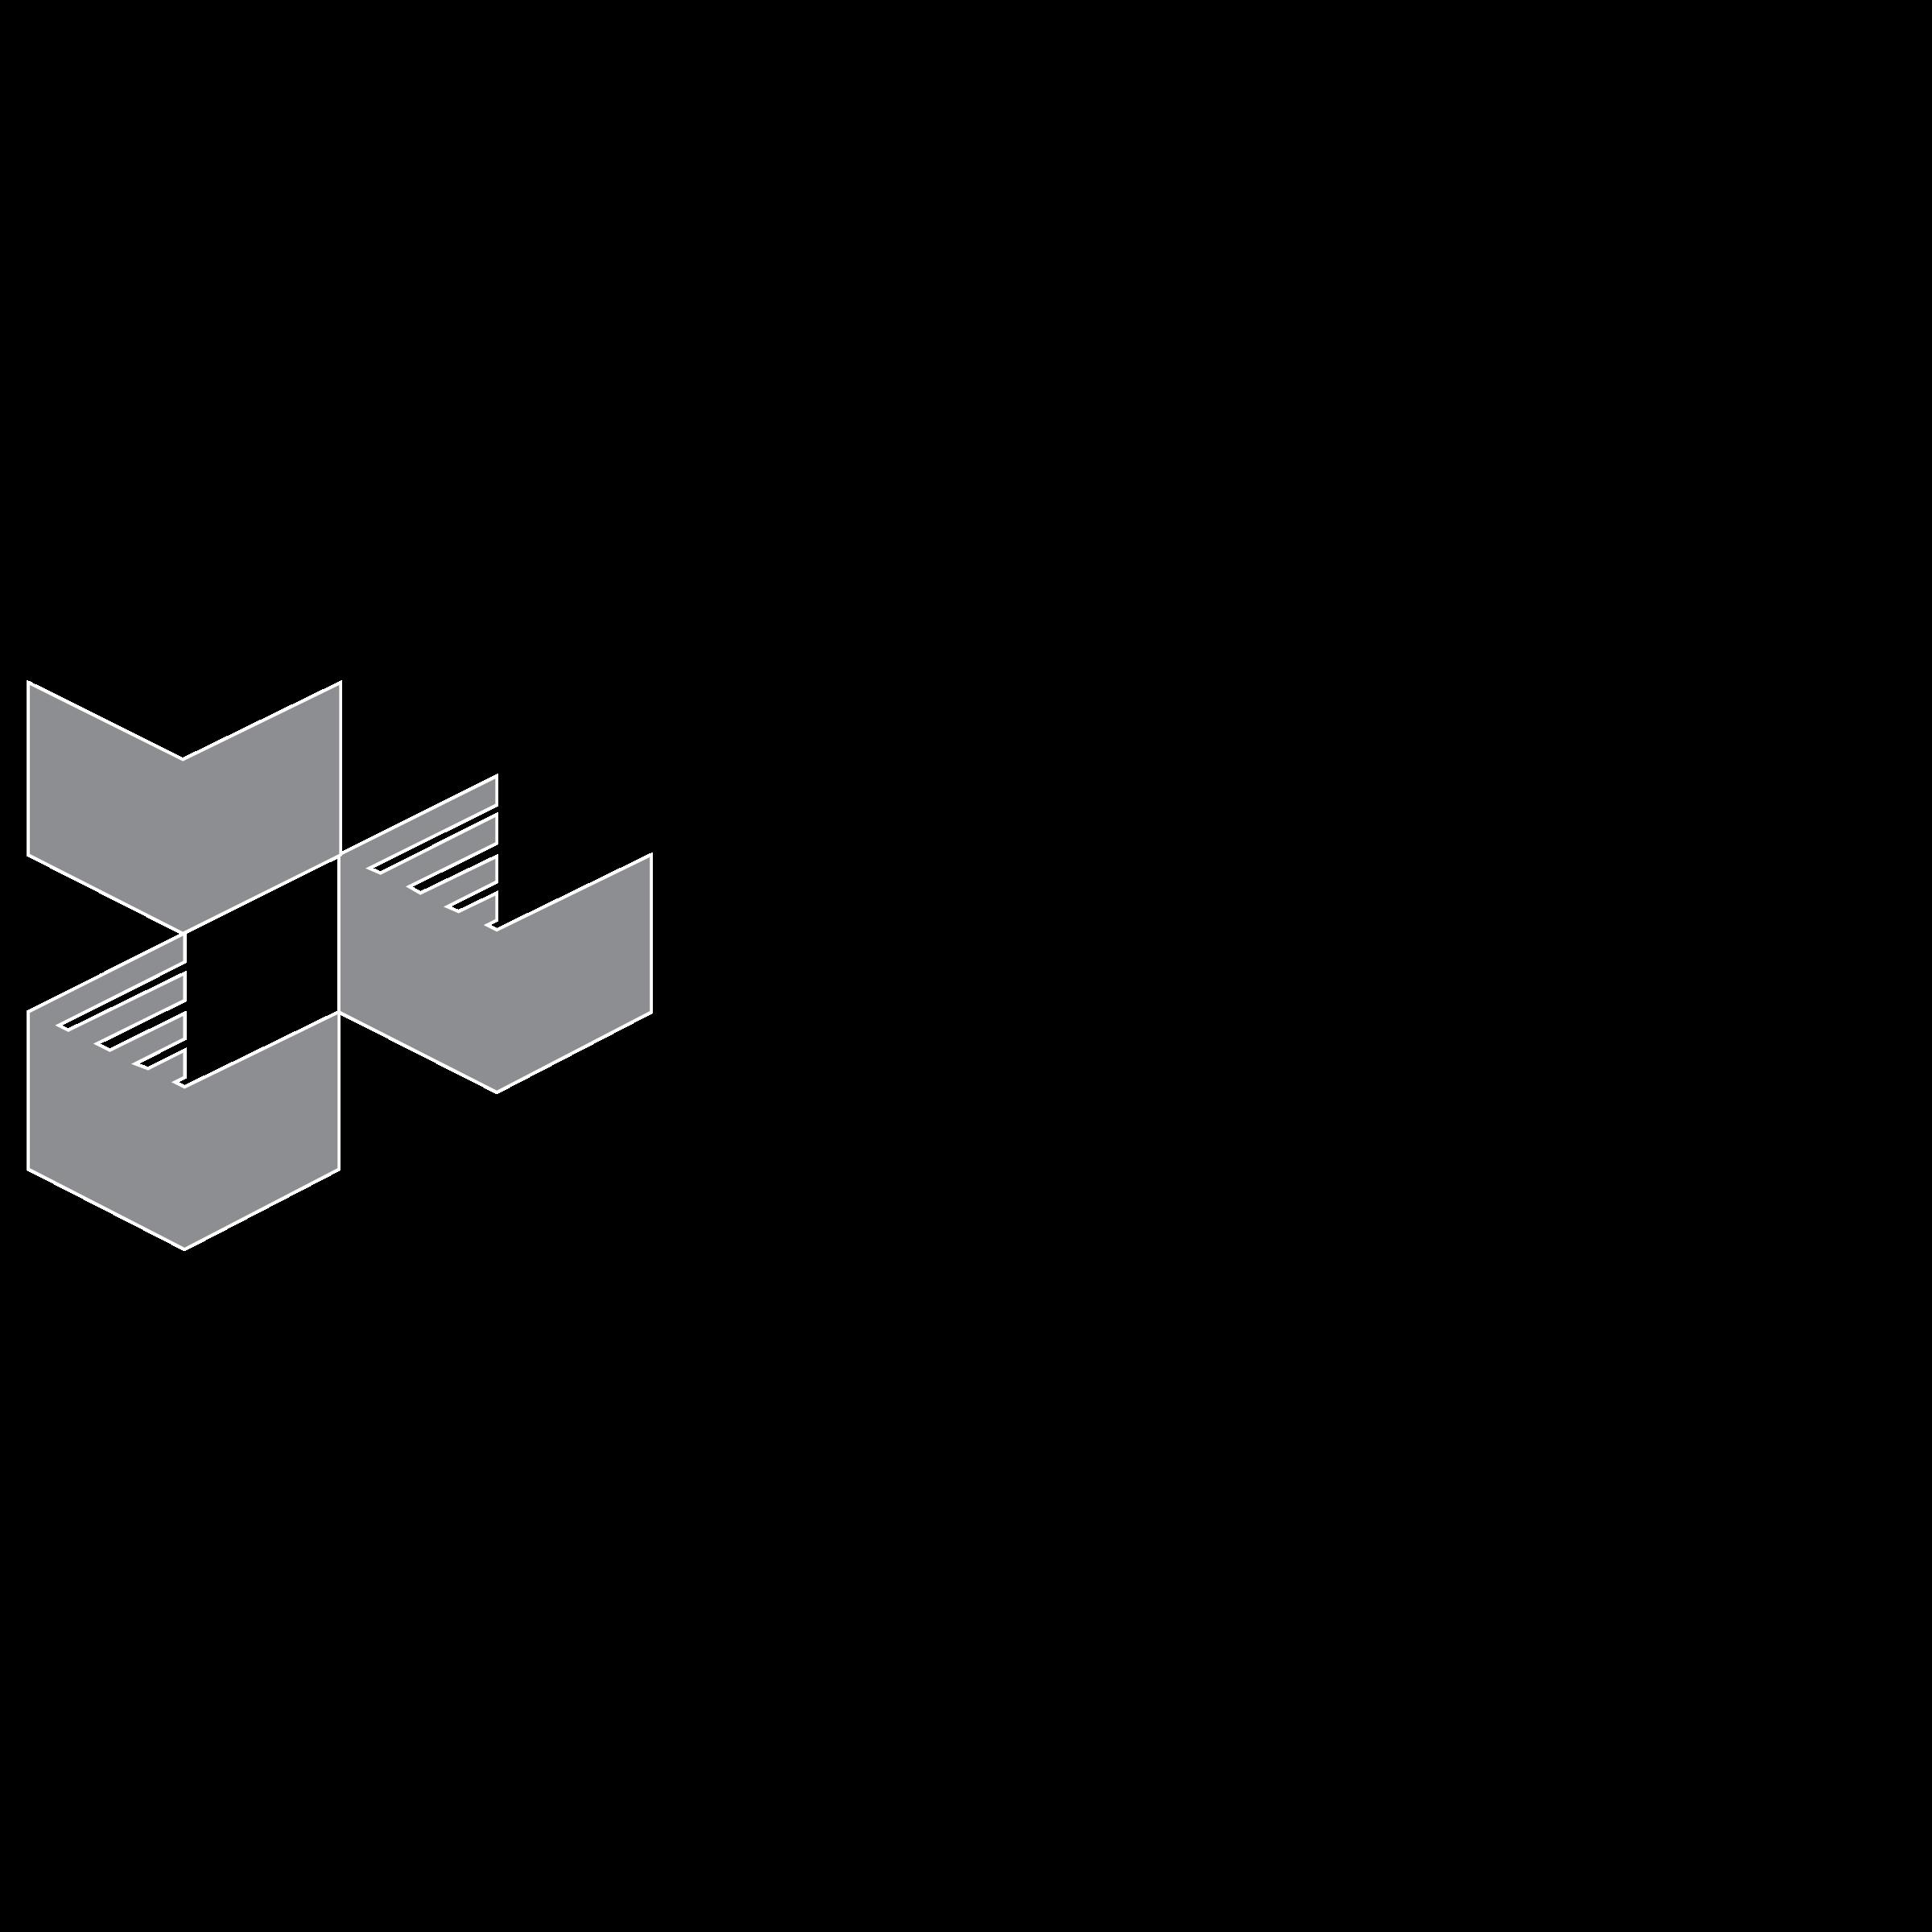 LCC Logo PNG Transparent & SVG Vector